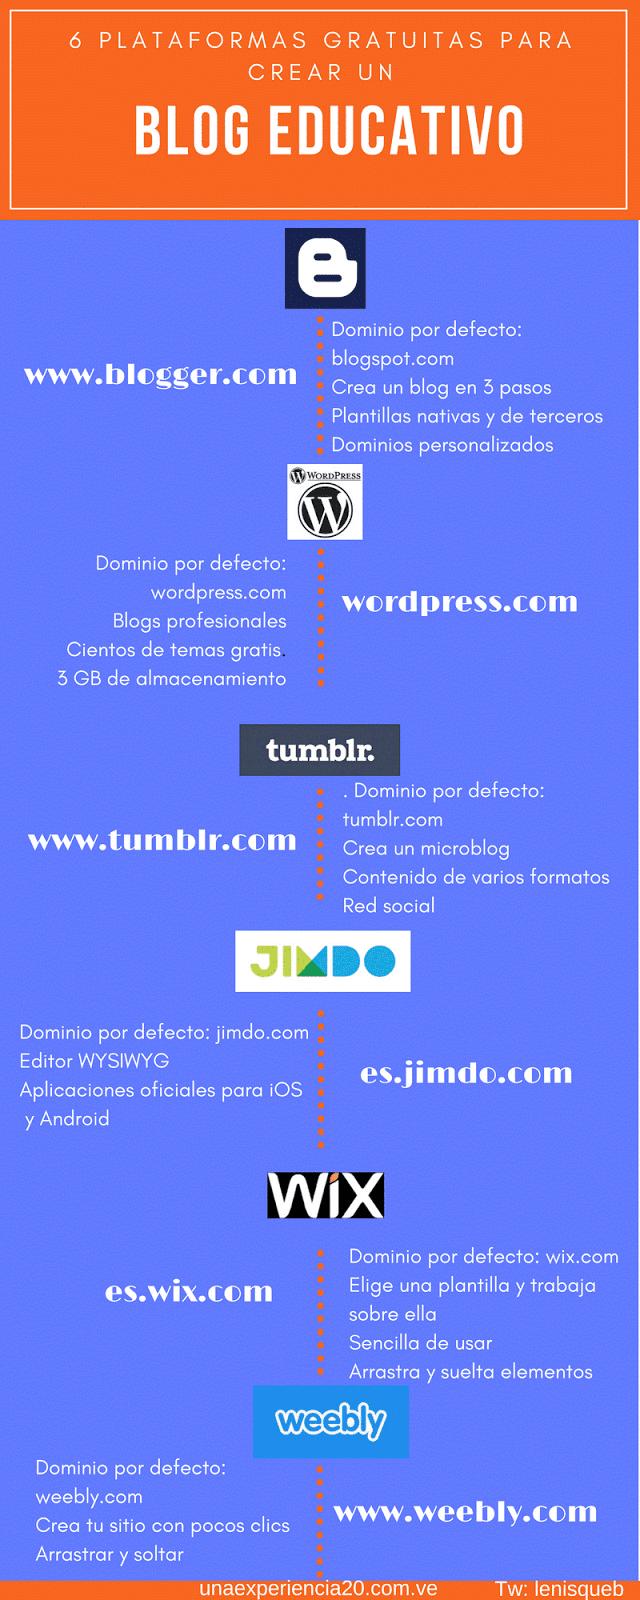 Infografía Plataformas creación blog